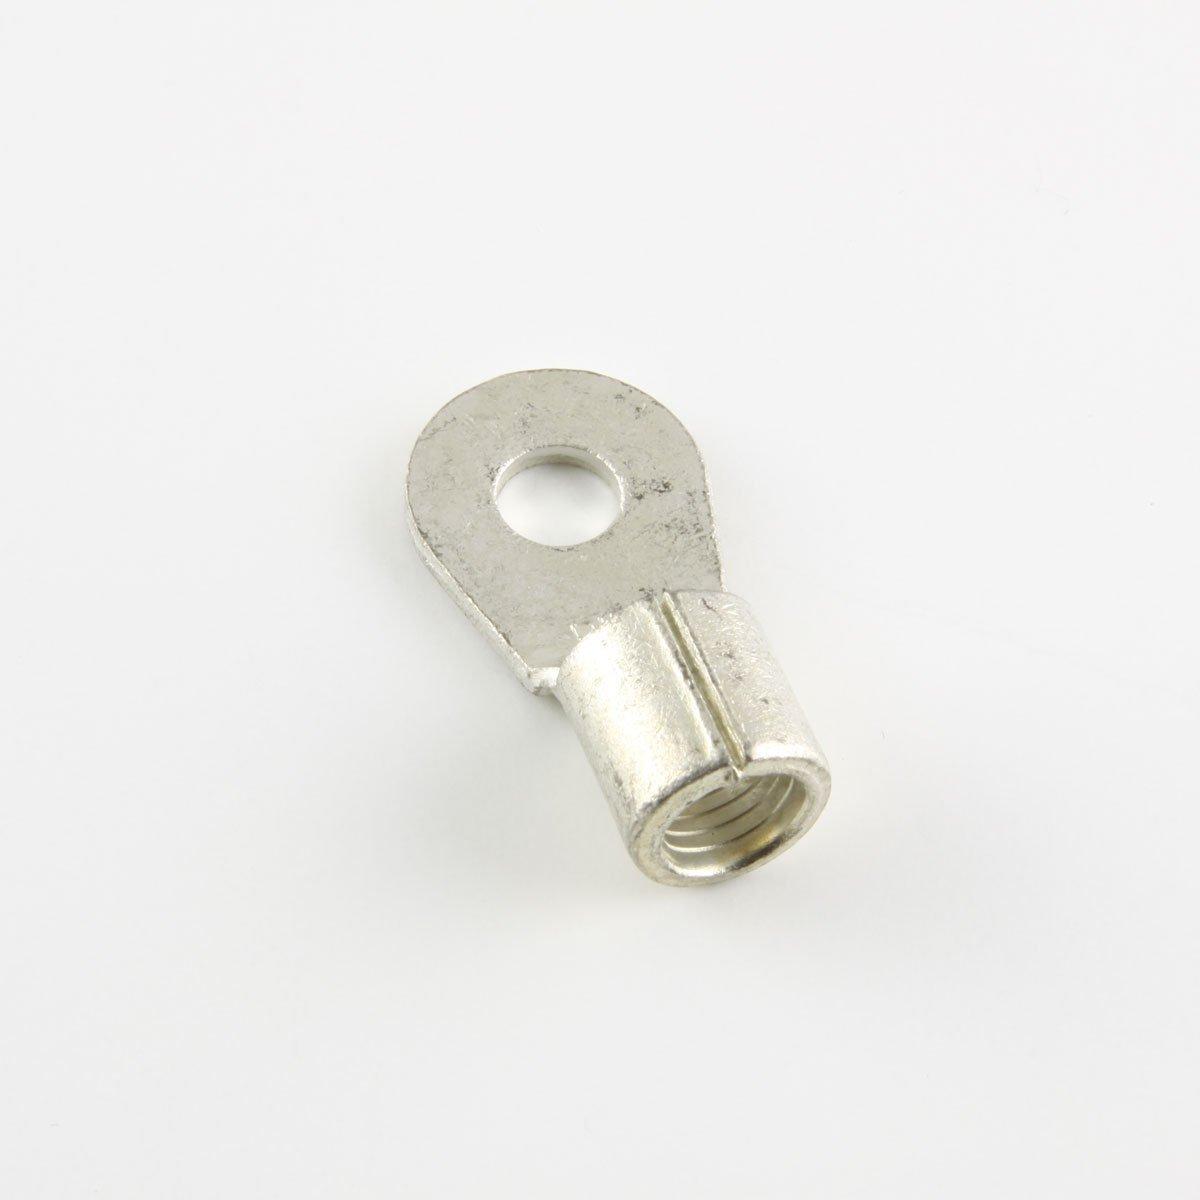 4 Ga. Ring Terminals, 1/4'' Stud - (pack of 10)